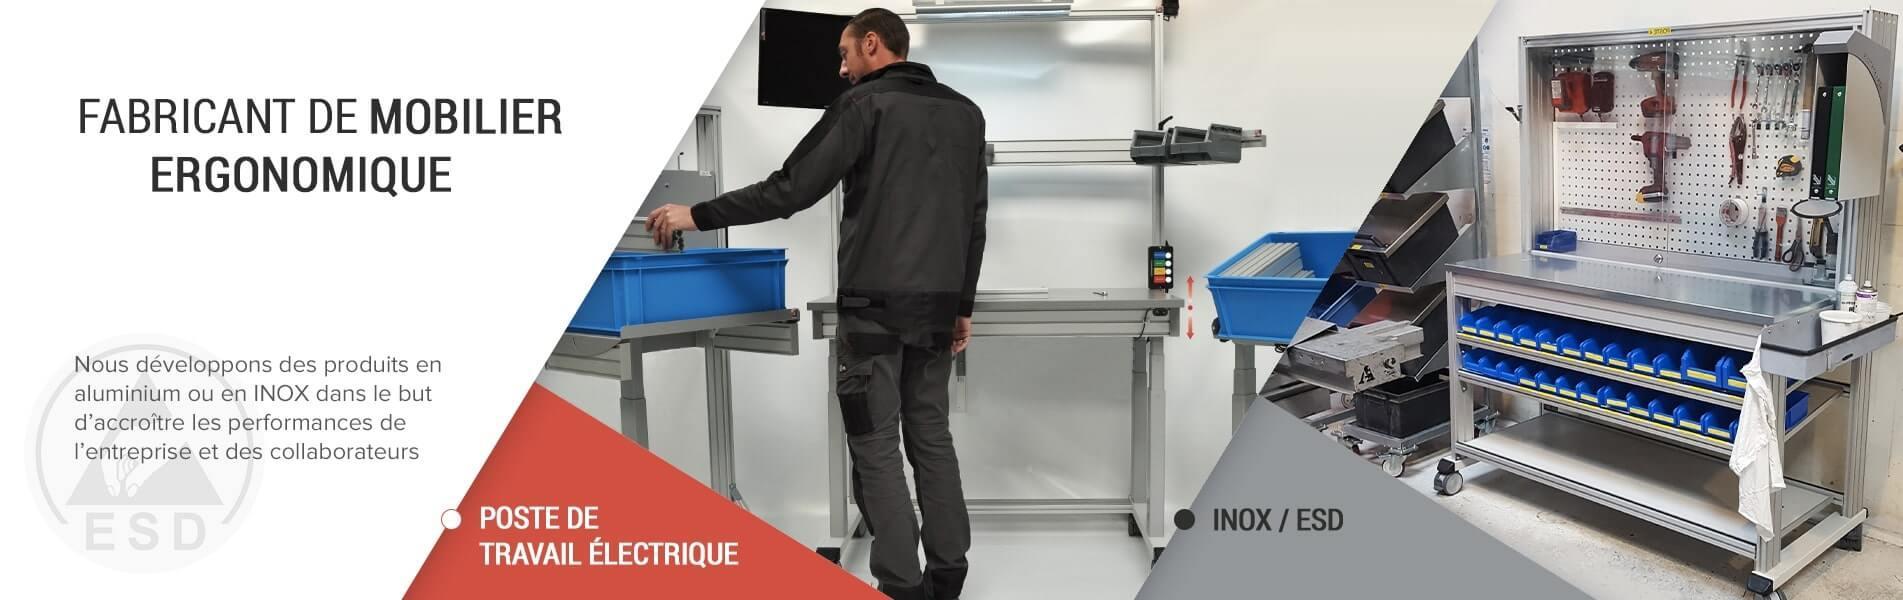 Fabriquant de mobilier ergonomique